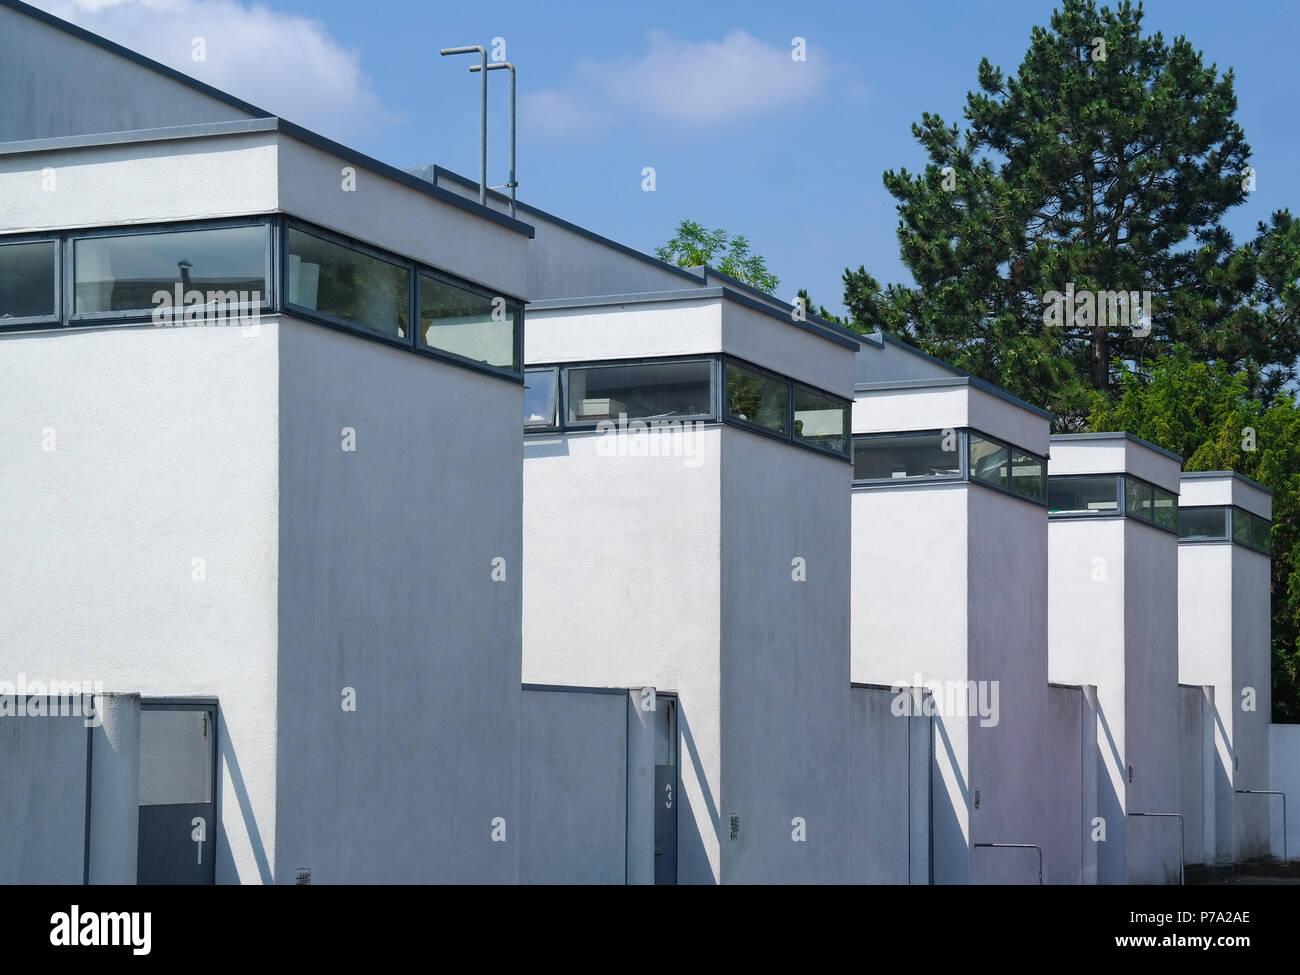 Stuttgart, Weissenhofsiedlung, 1927. Architekt: J. J. P. Oud - Stock Image